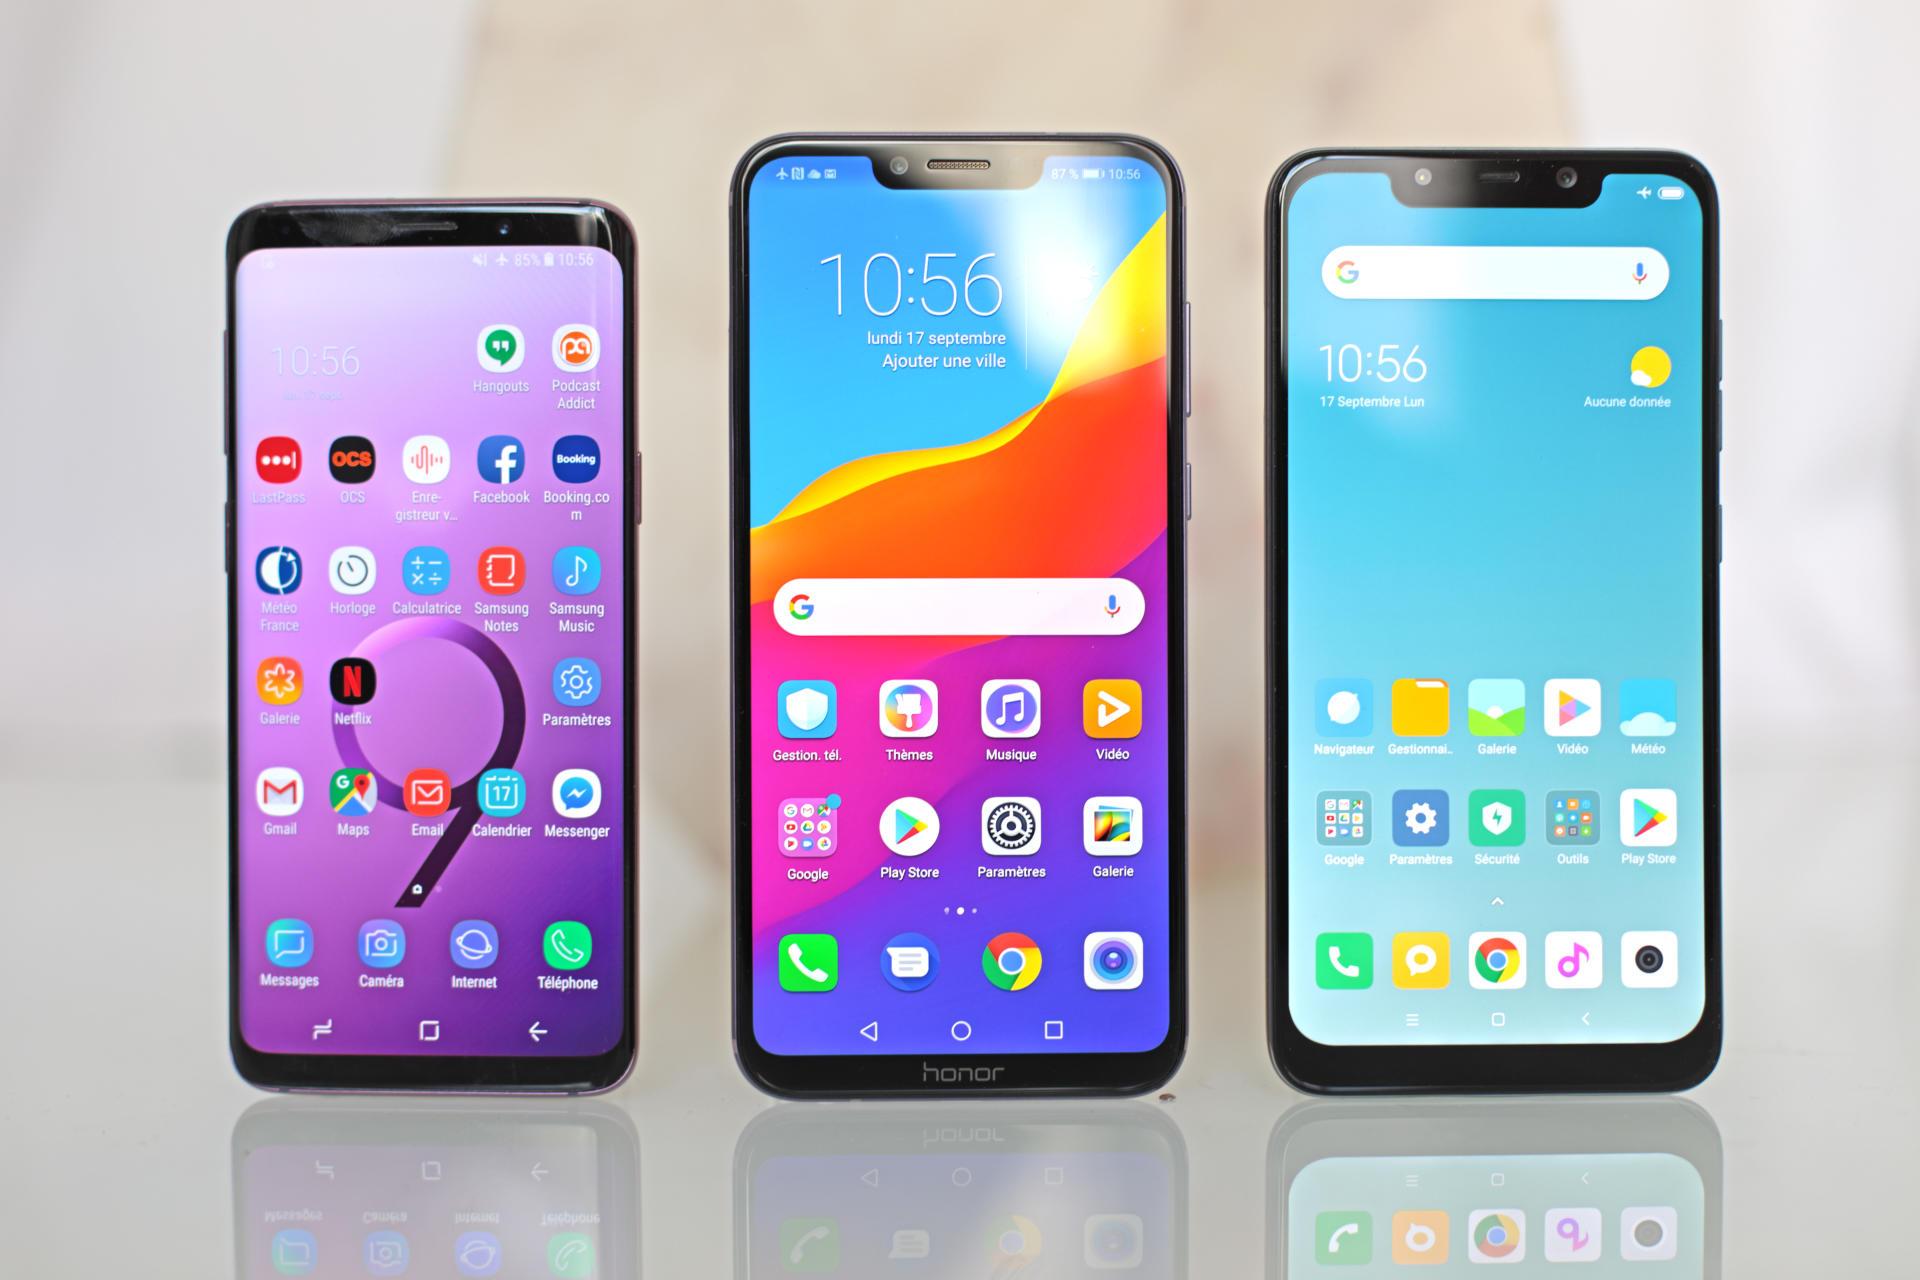 Le Honor est encadré par le Samsung S9 (à gauche) et le Pocophone (à droite)